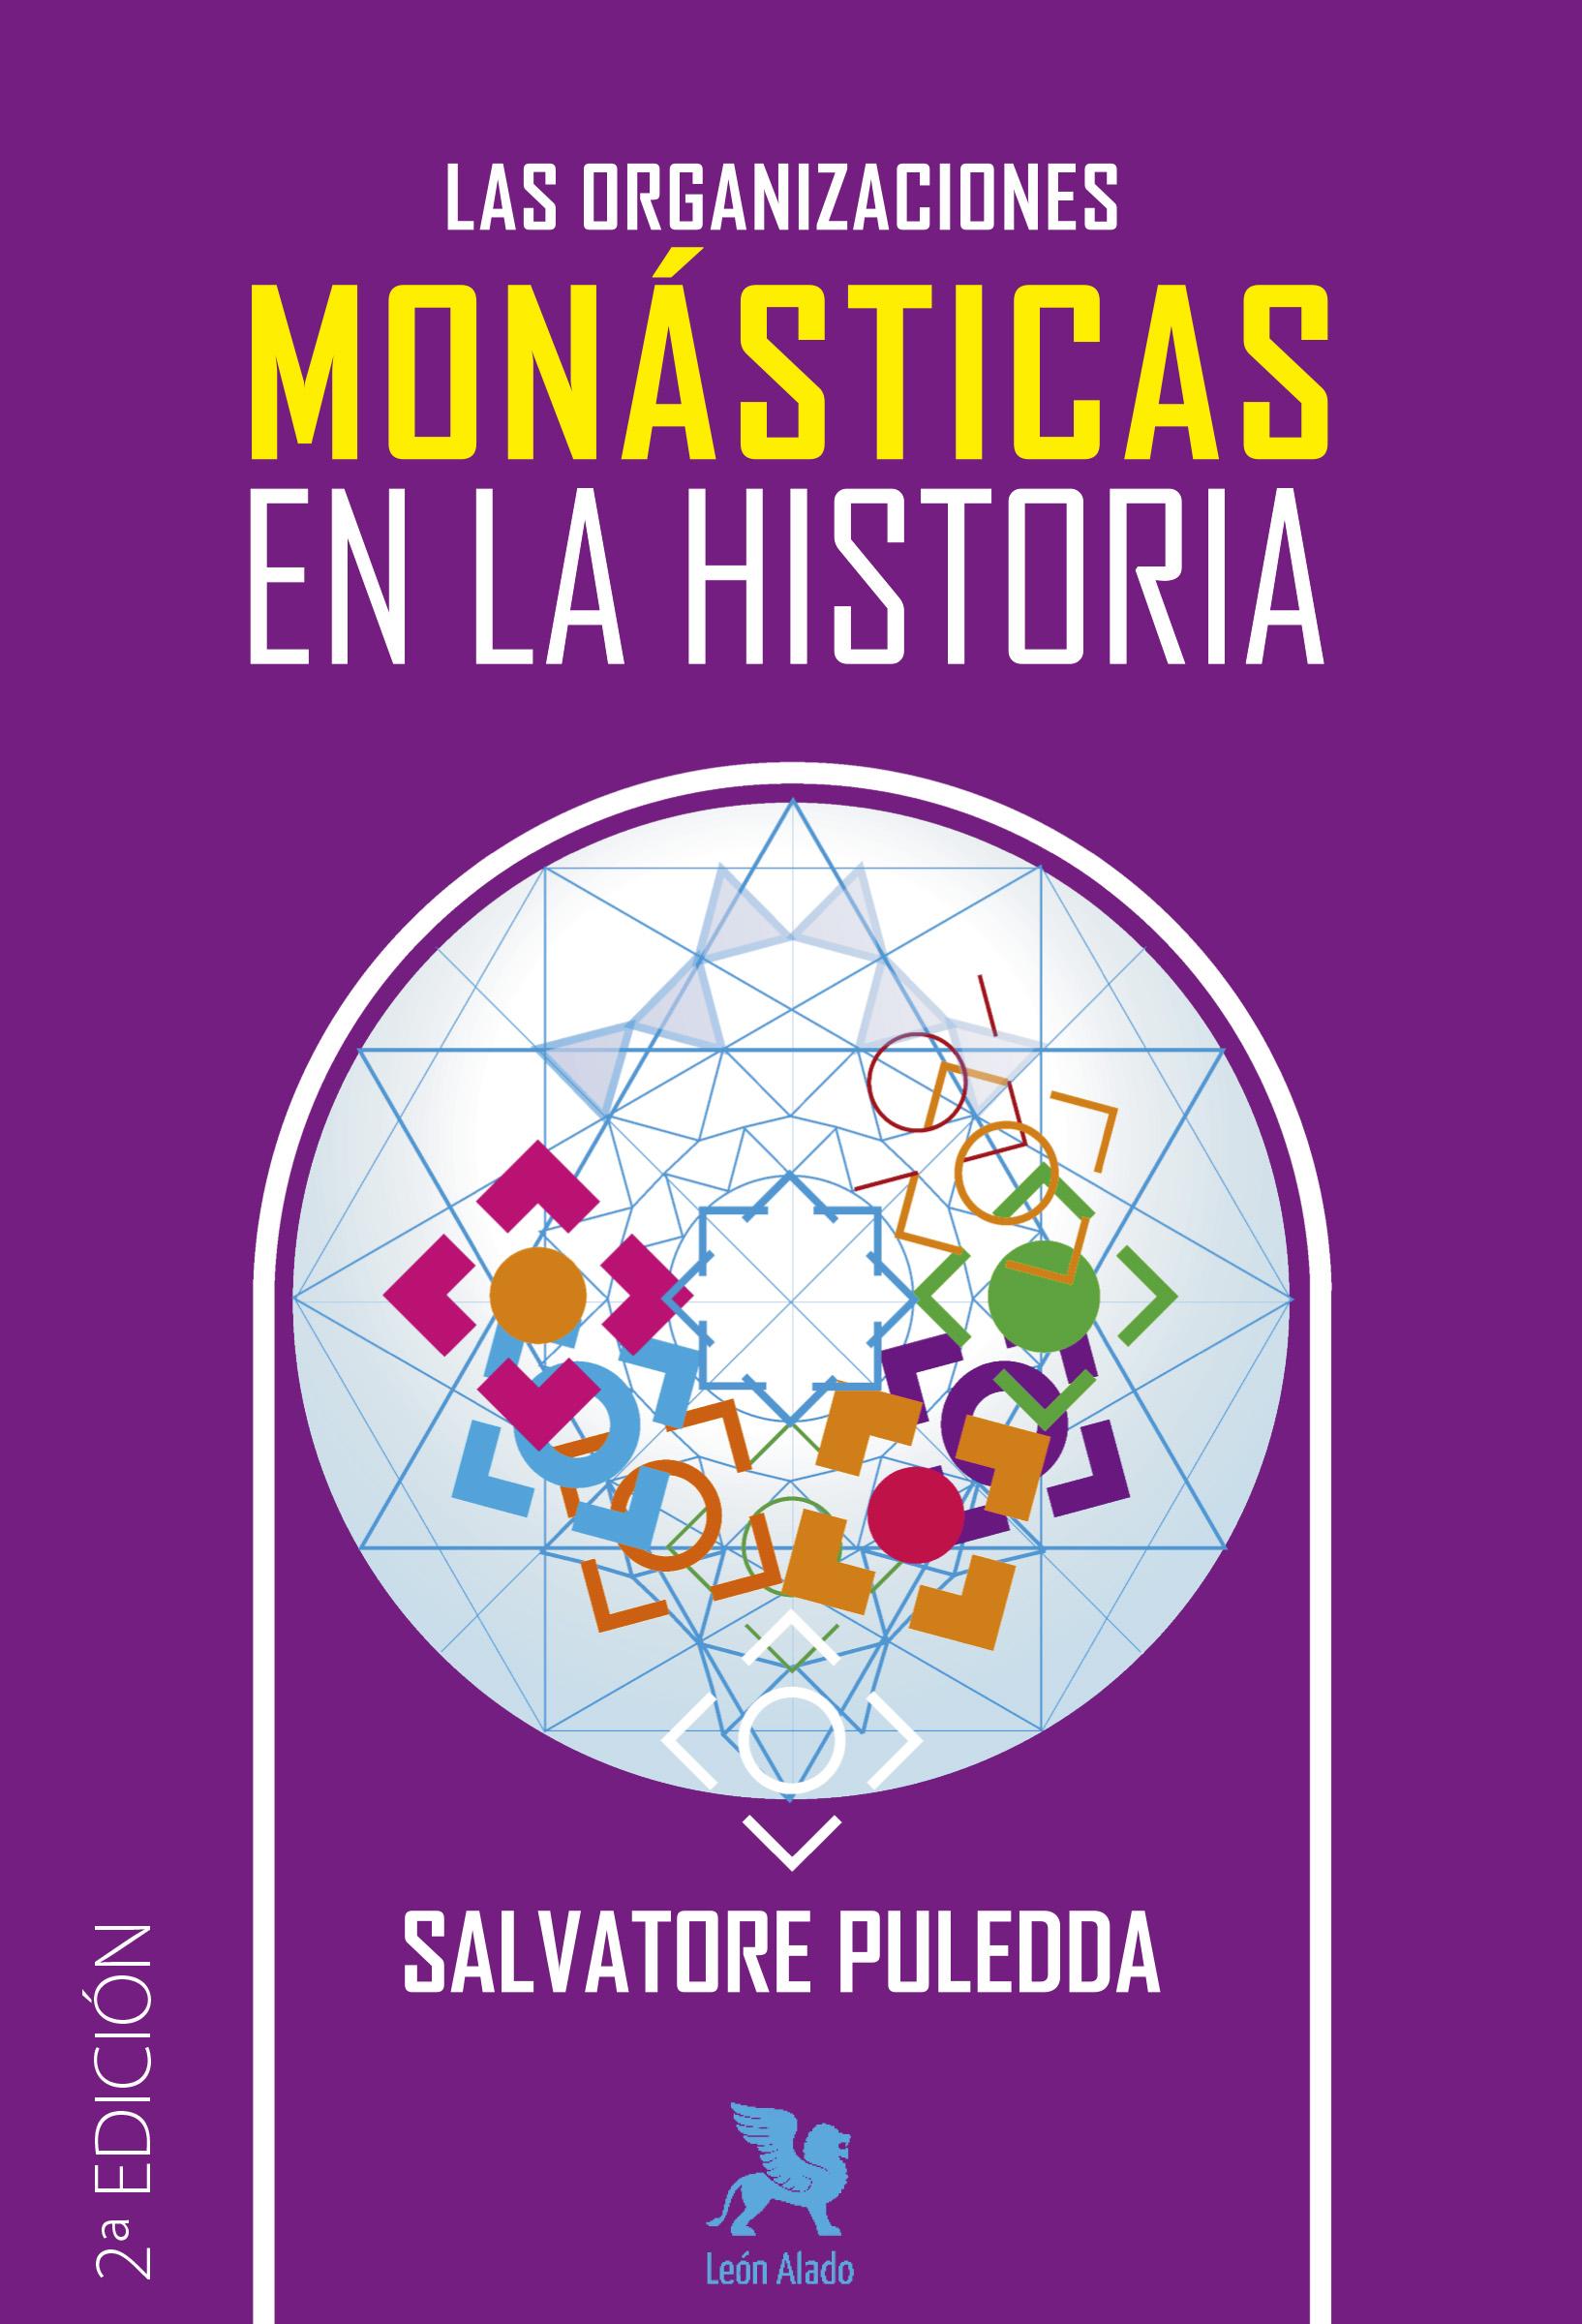 Las Organizaciones Monásticas en la Historia